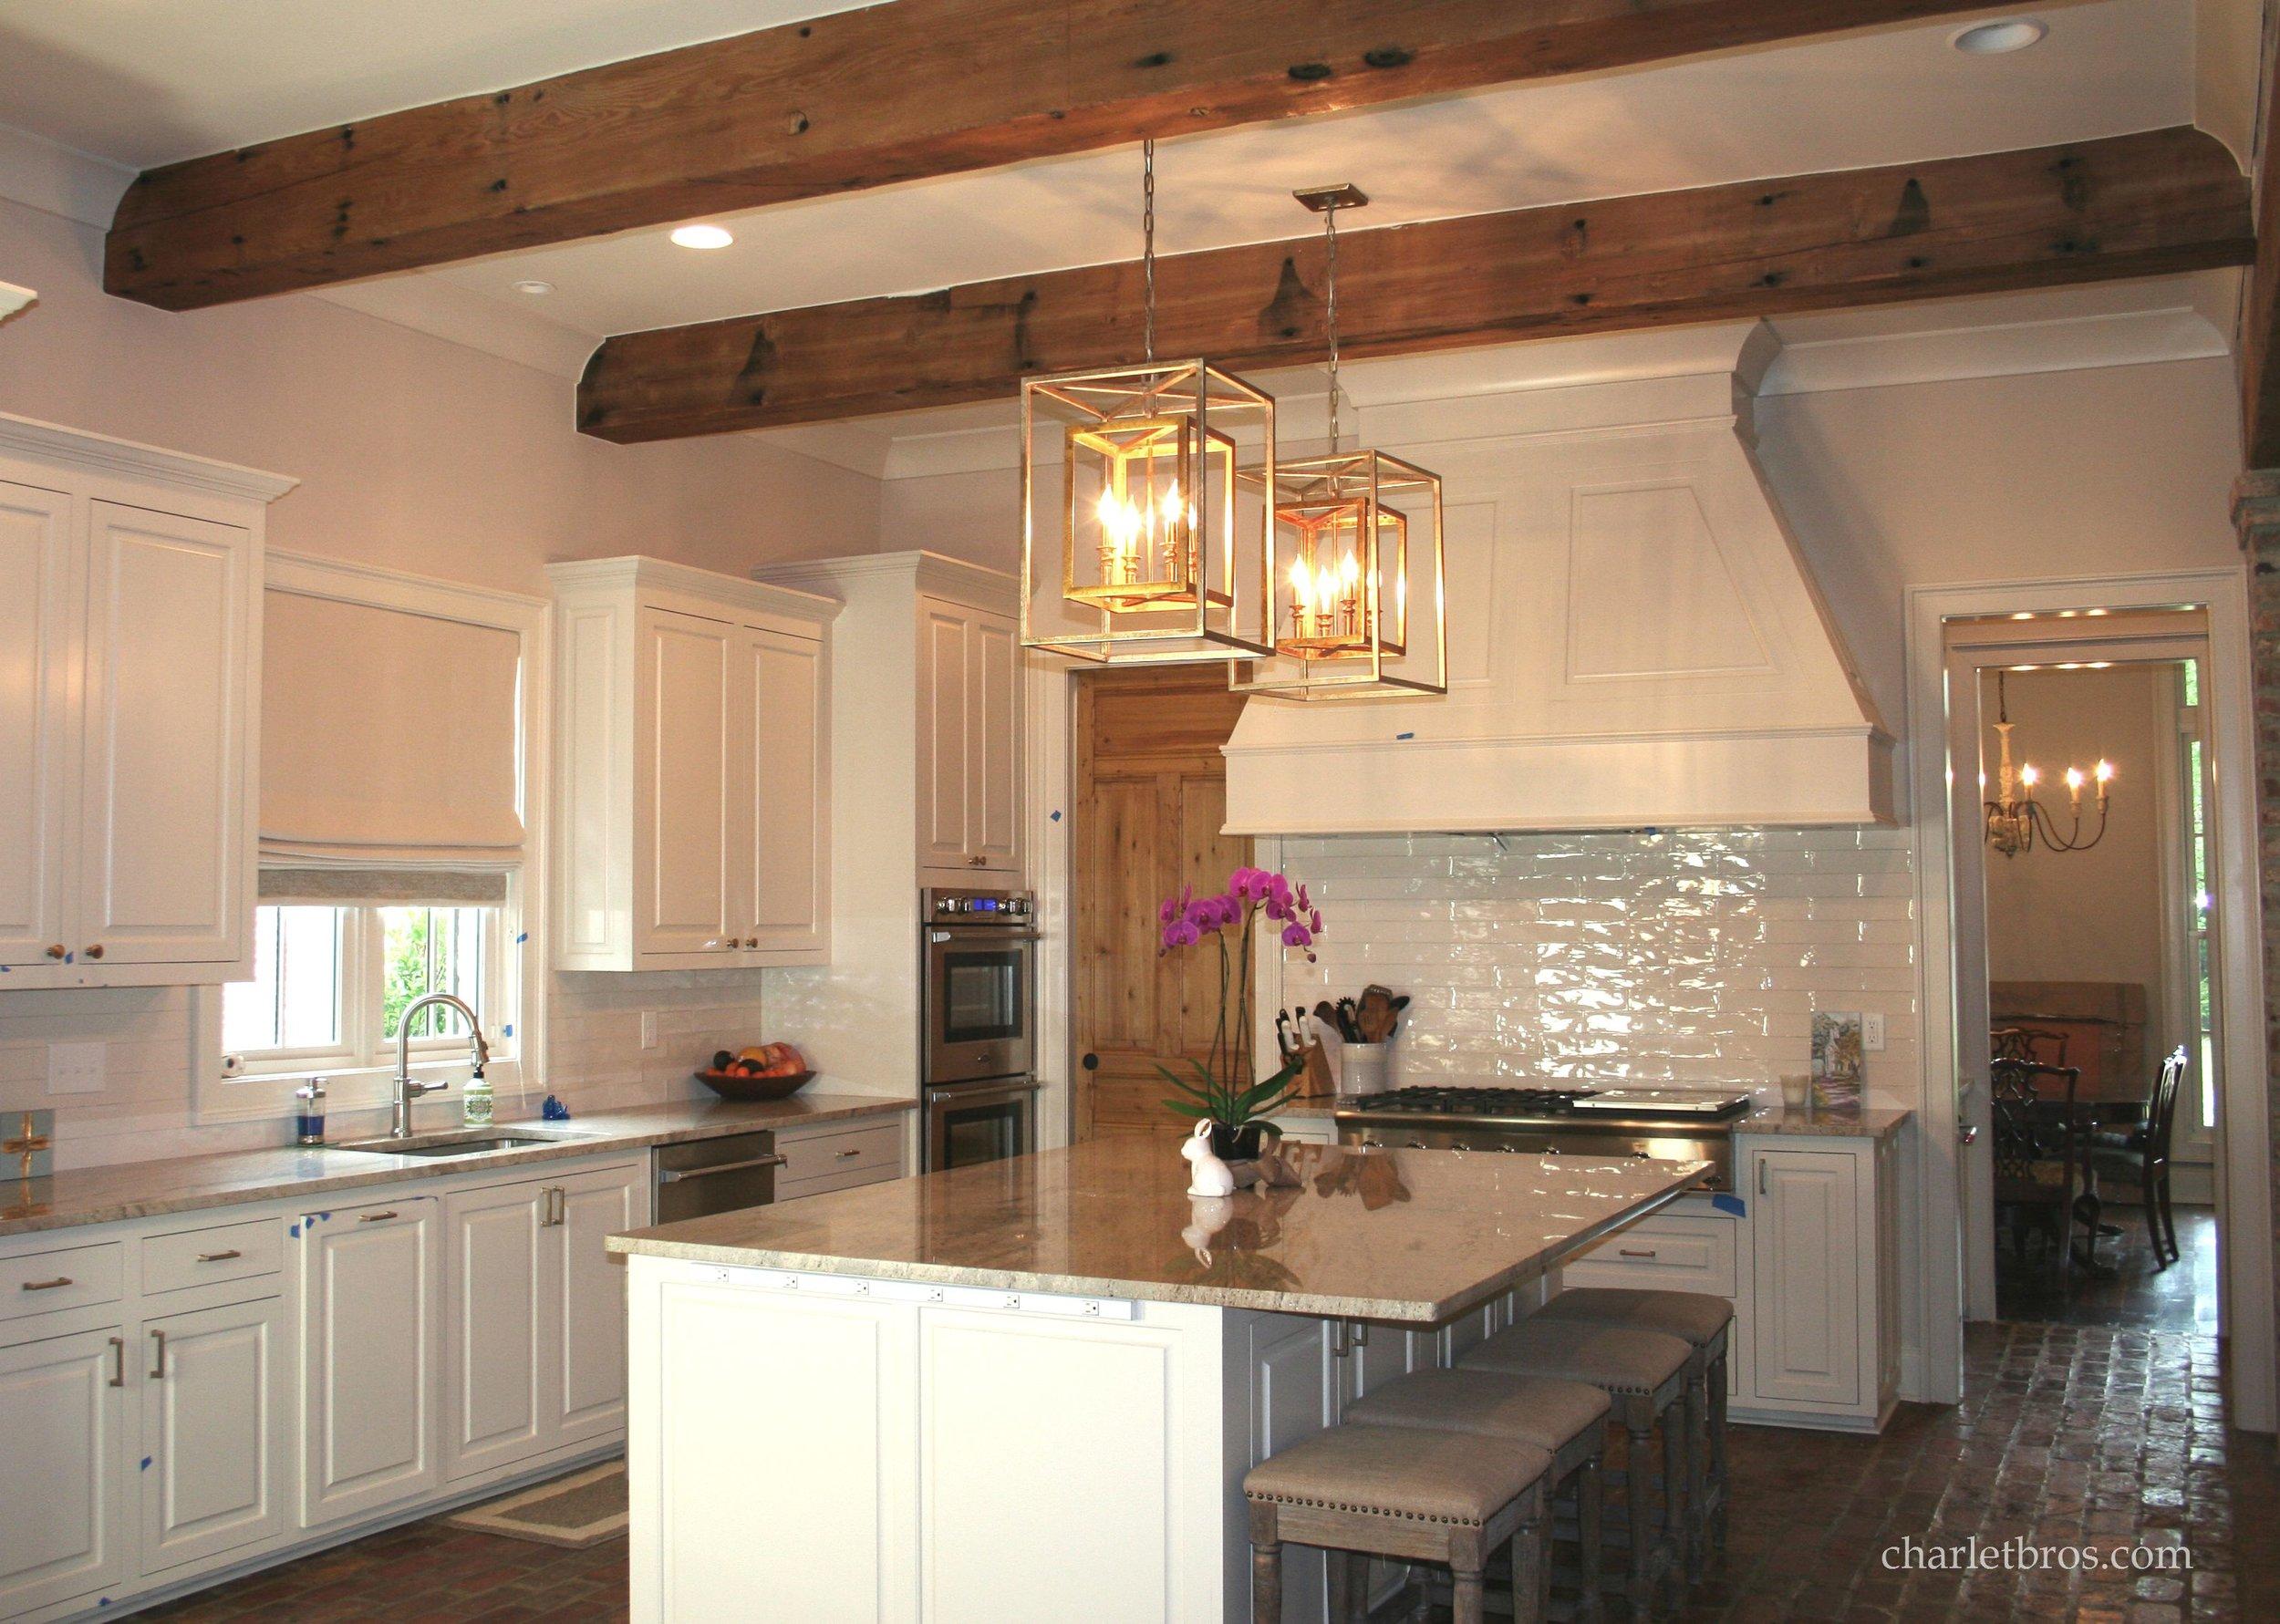 charlet bros plauche kitchen FT.jpg